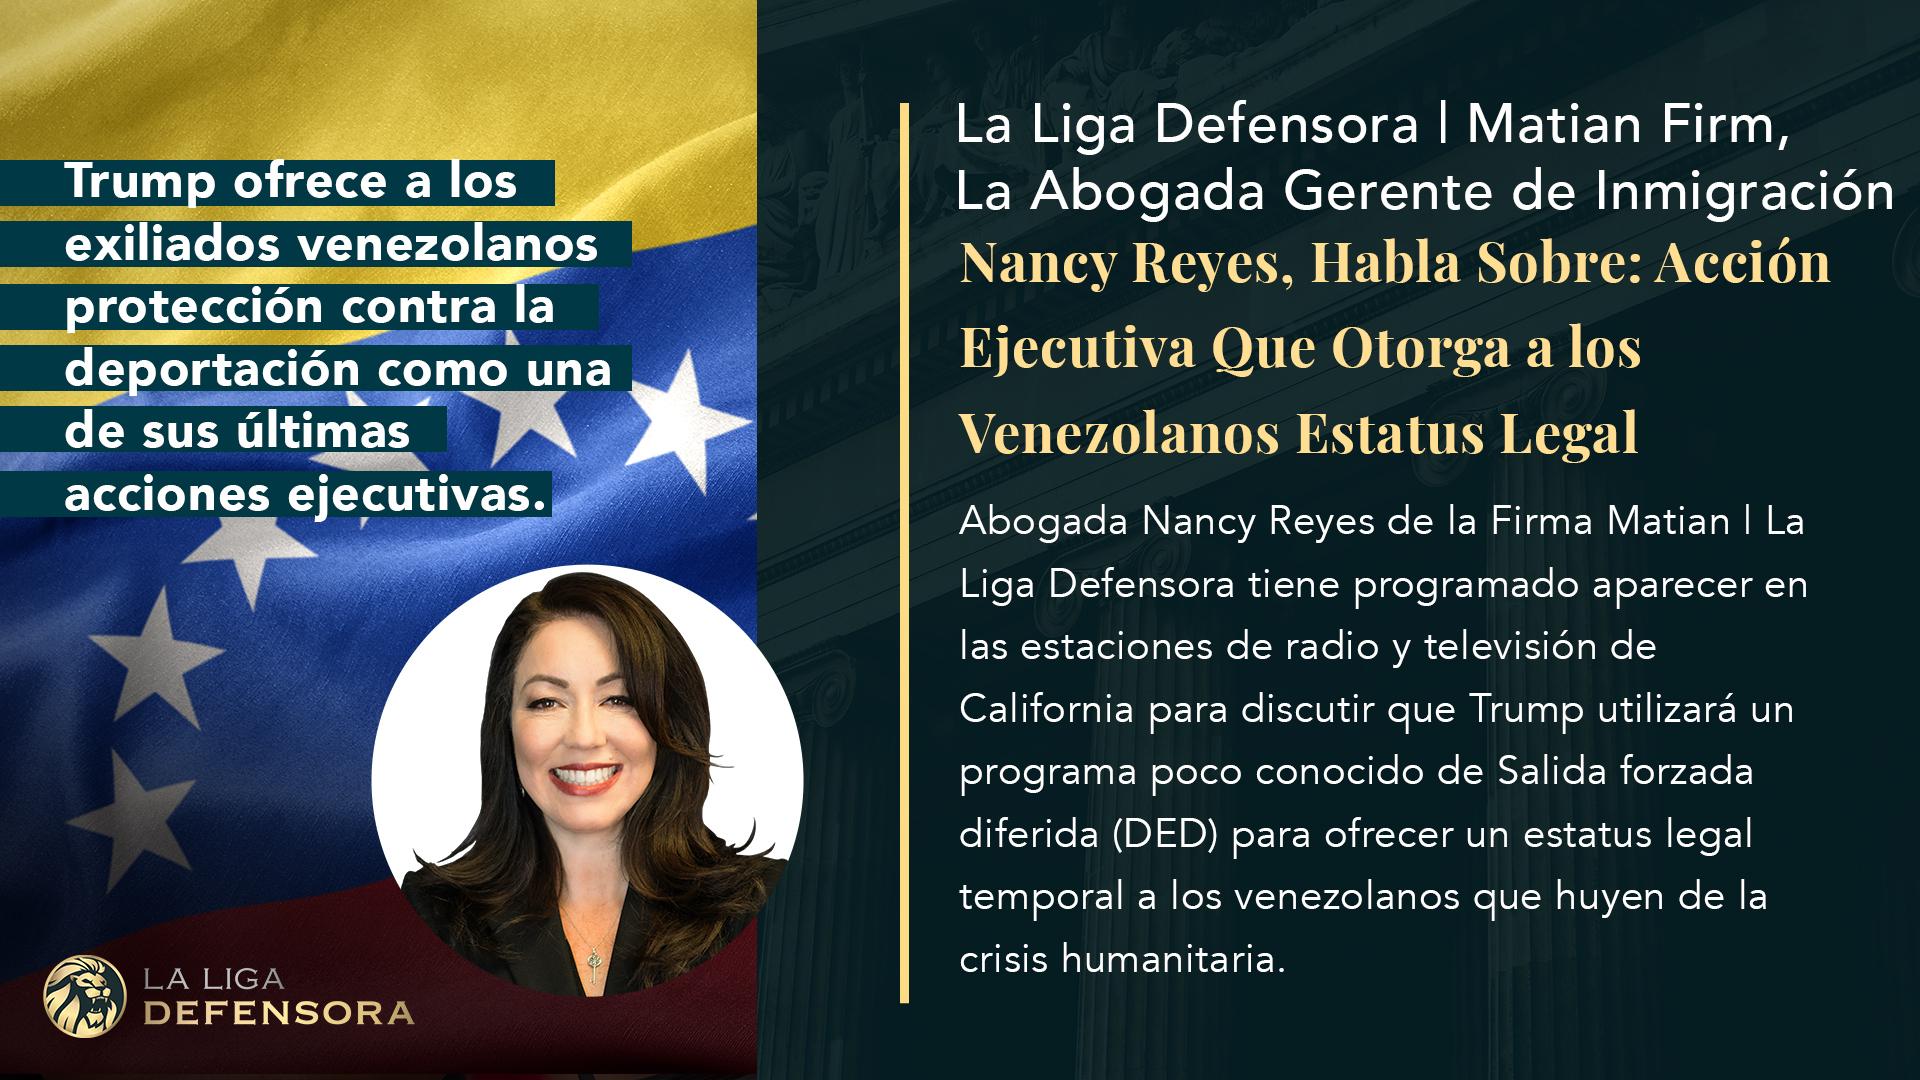 La Liga Defensora | Matian Firm, La Abogada Gerente de Inmigracion, Nancy Reyes, Habla Sobre: Accion Ejecutiva Que Otorga a los Venezolanos Estatus Legal Temporal